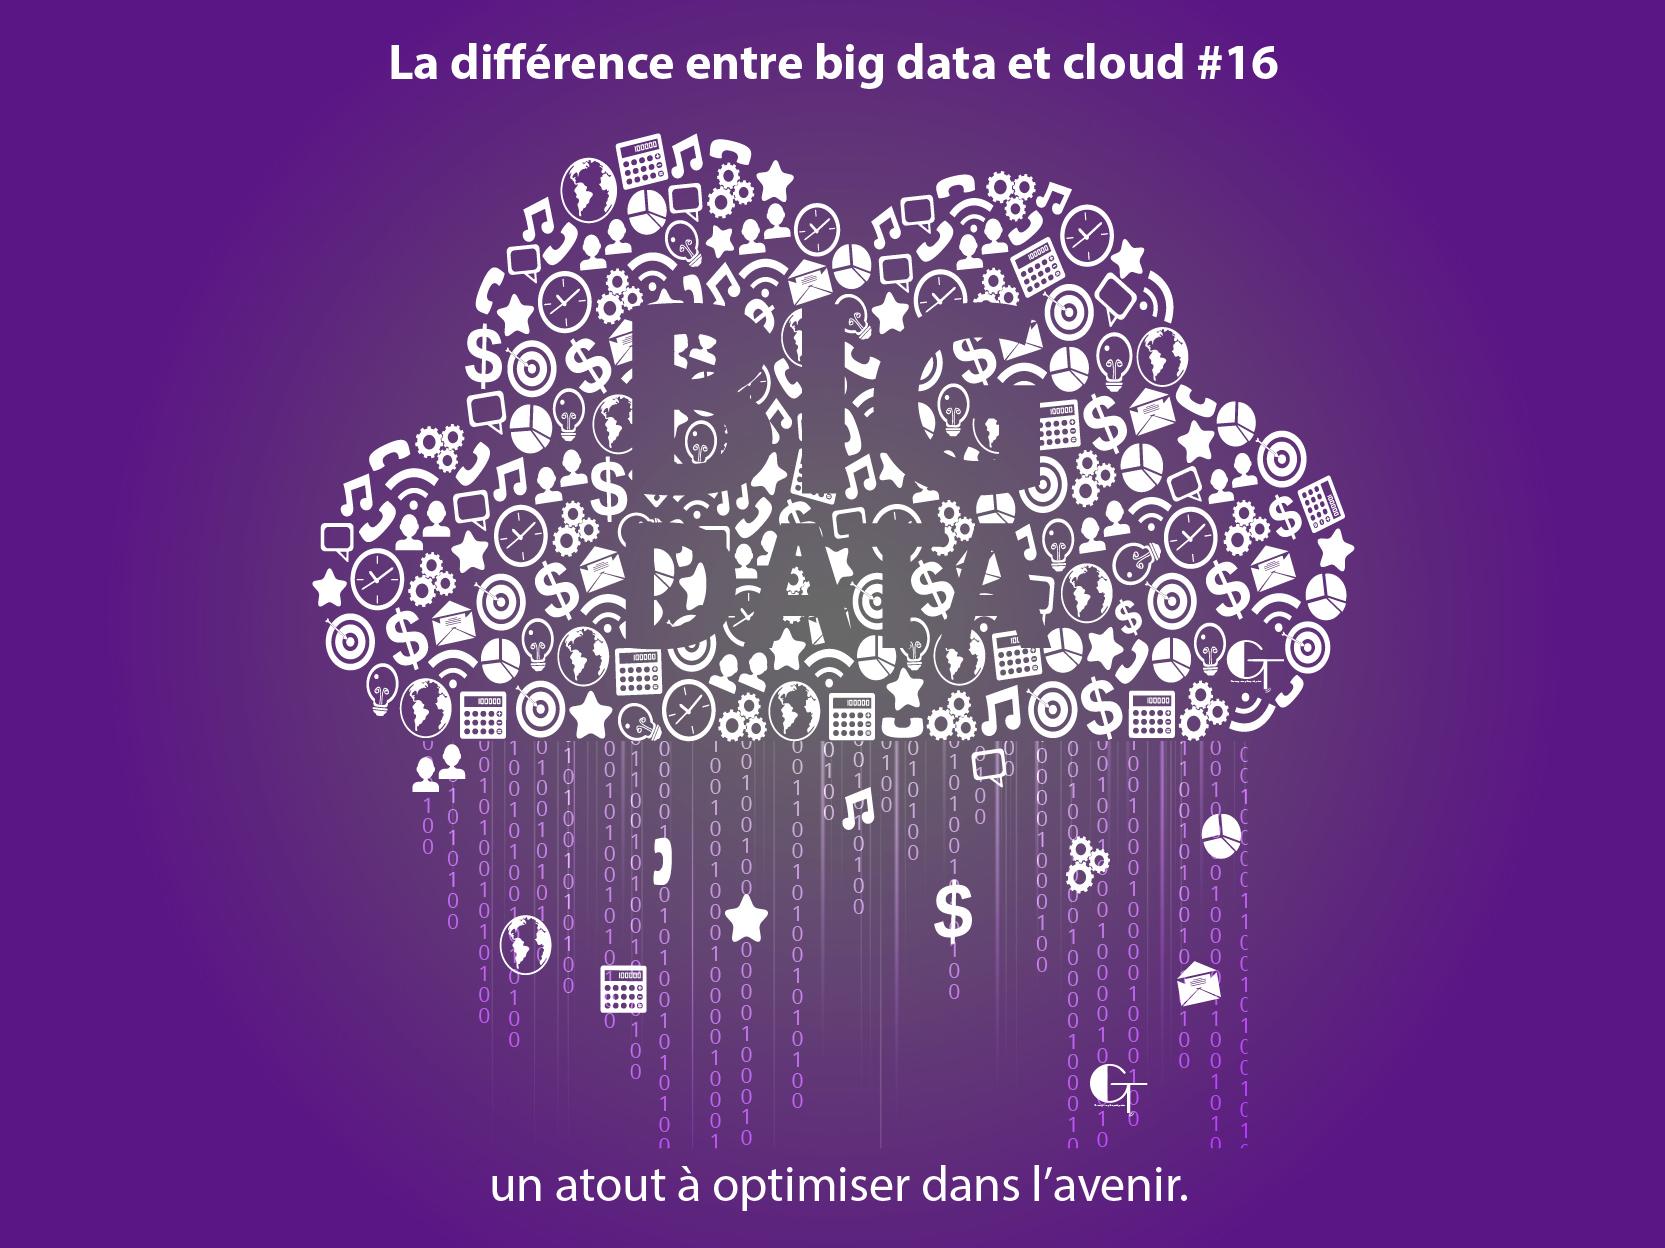 La différence entre big data et cloud 3